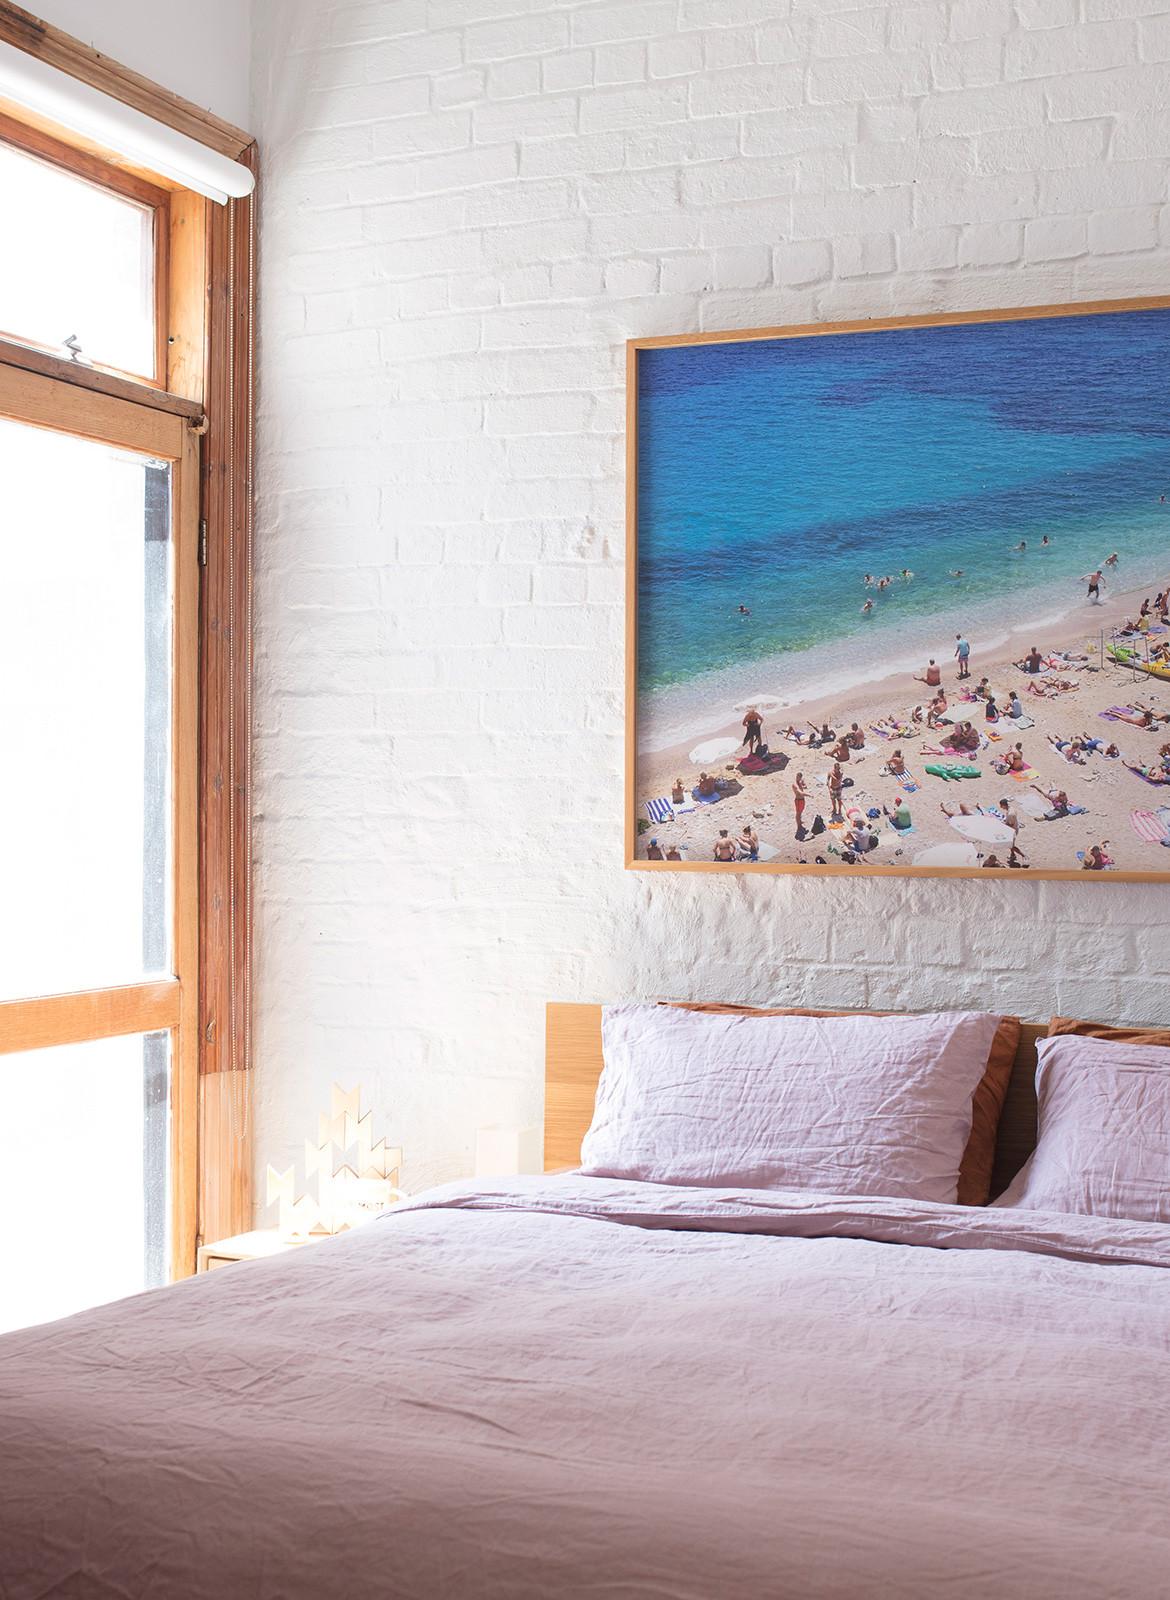 Anna Ross Kester Black CC Benjamin Hosking master bedroom